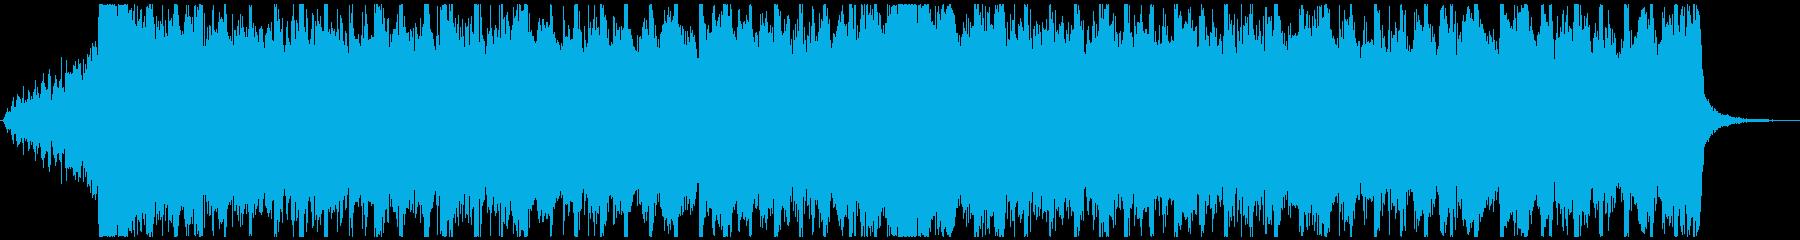 企業VP向け、爽やか4つ打ちポップ30秒の再生済みの波形